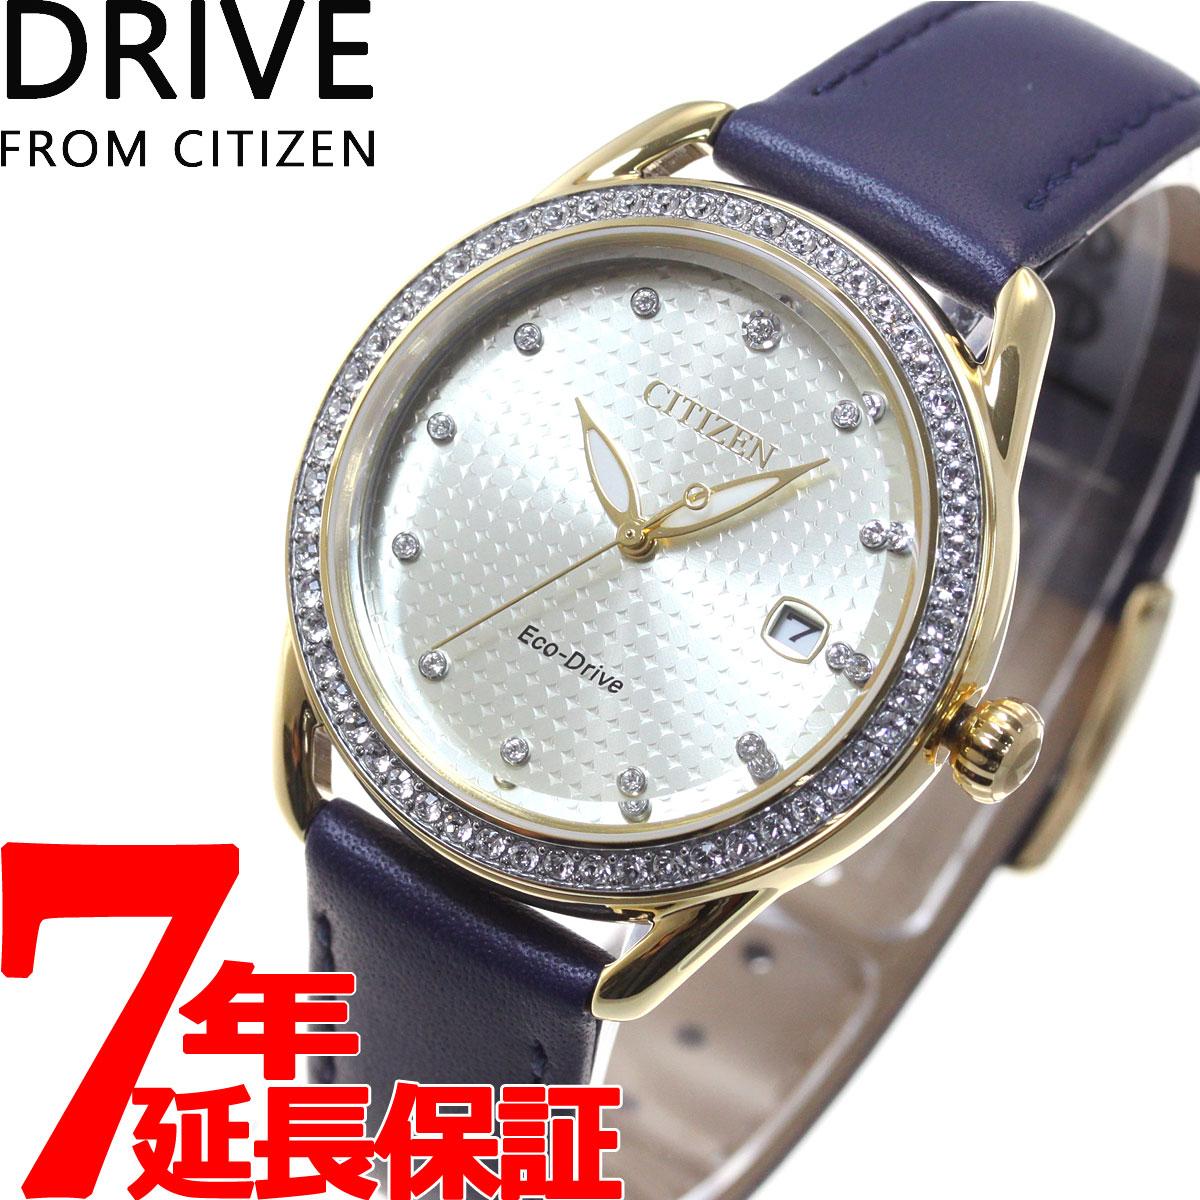 腕時計, レディース腕時計 34DRIVE FROM CITIZEN FE6112-09P